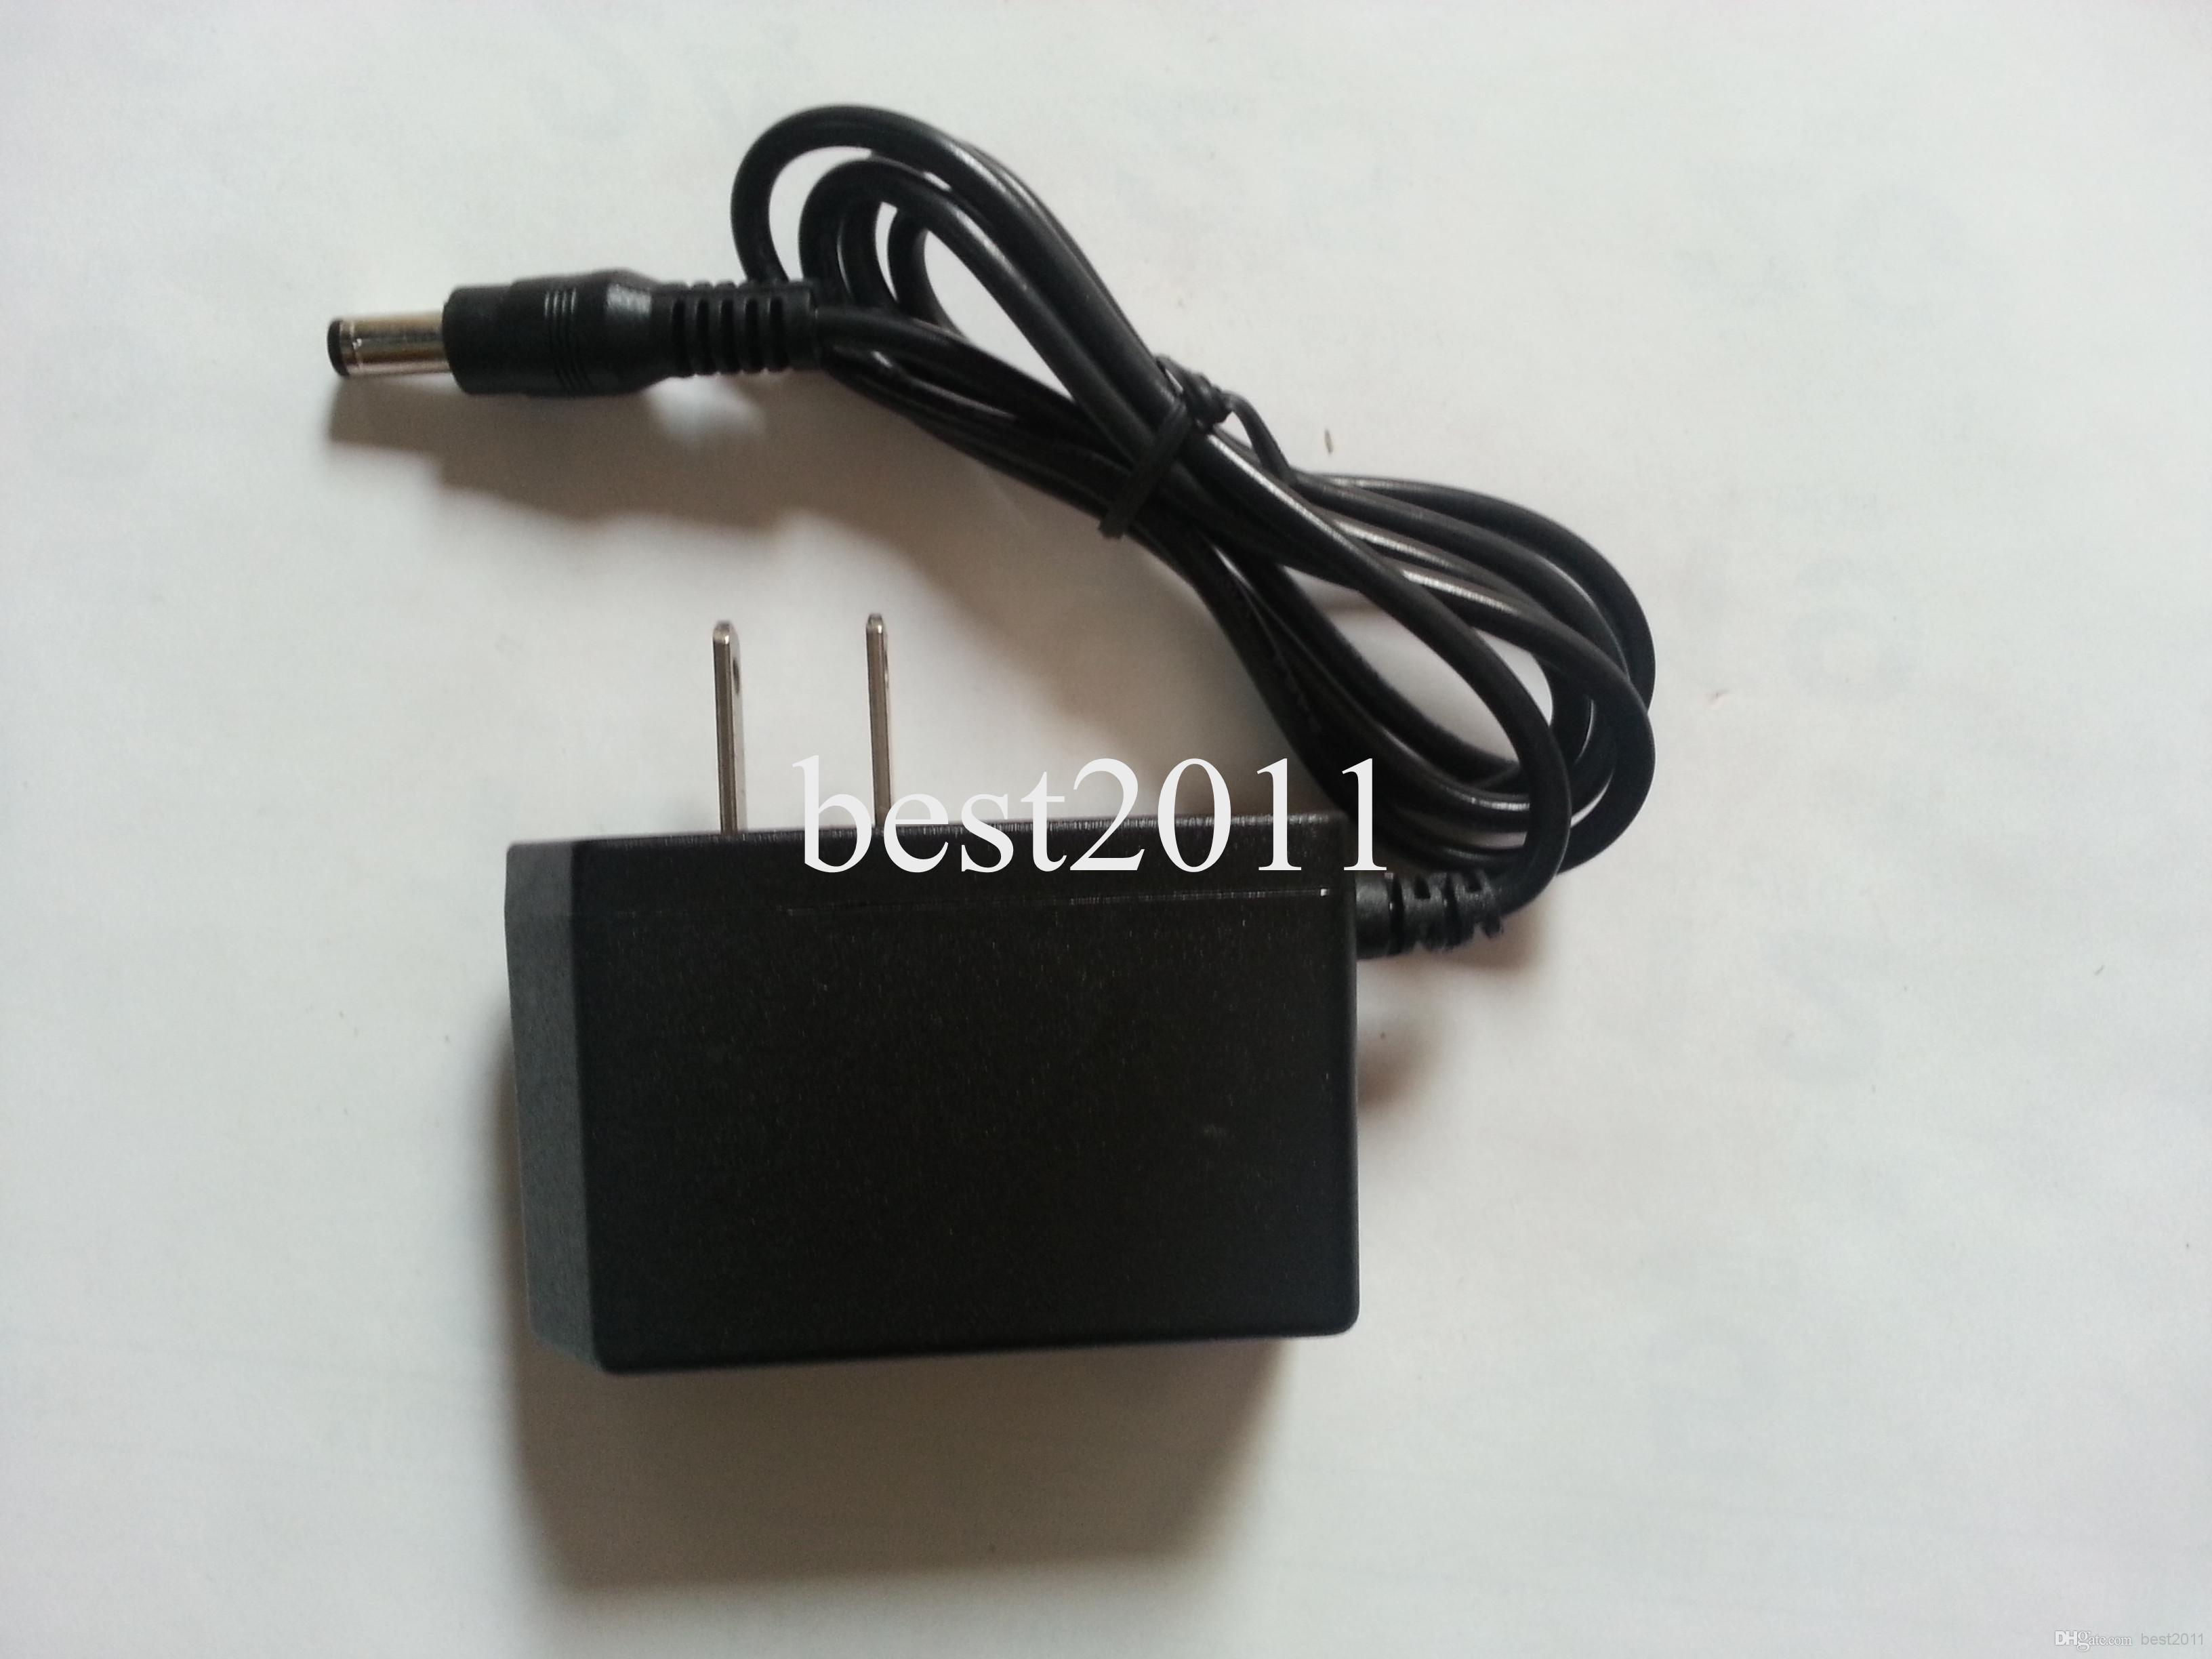 Libre FEDEX 100 UNIDS DC 12V 1A Adaptador de fuente de alimentación AC 100-240V Seguridad profesional Convertidor EE. UU. UE enchufe best2011